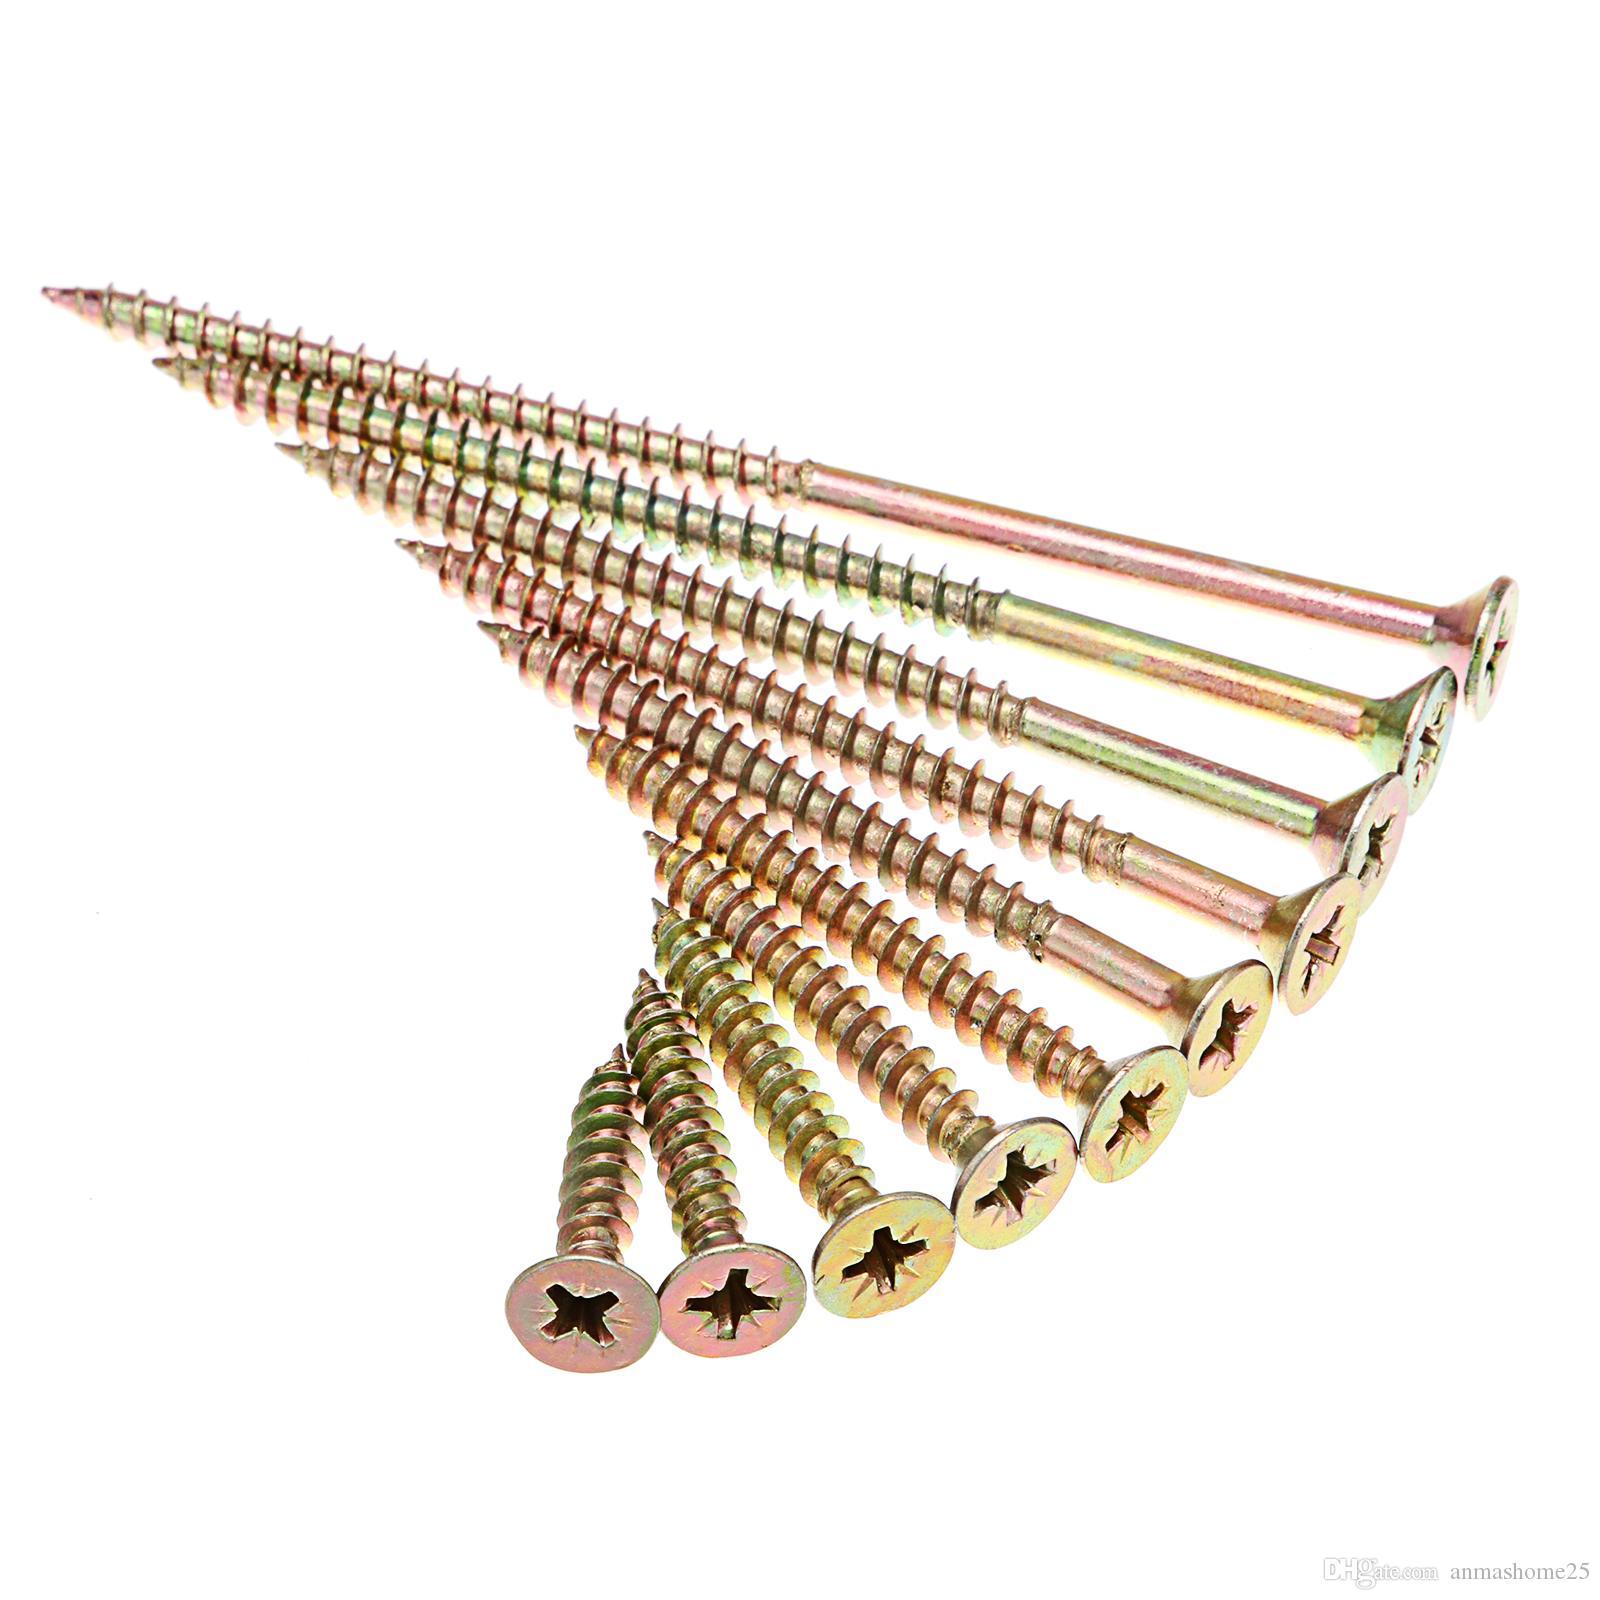 Viti per legno professionali M5 per legno Viti per viti a testa svasata zinco Philips, dimensioni da 25 mm a 100 mm scegliere